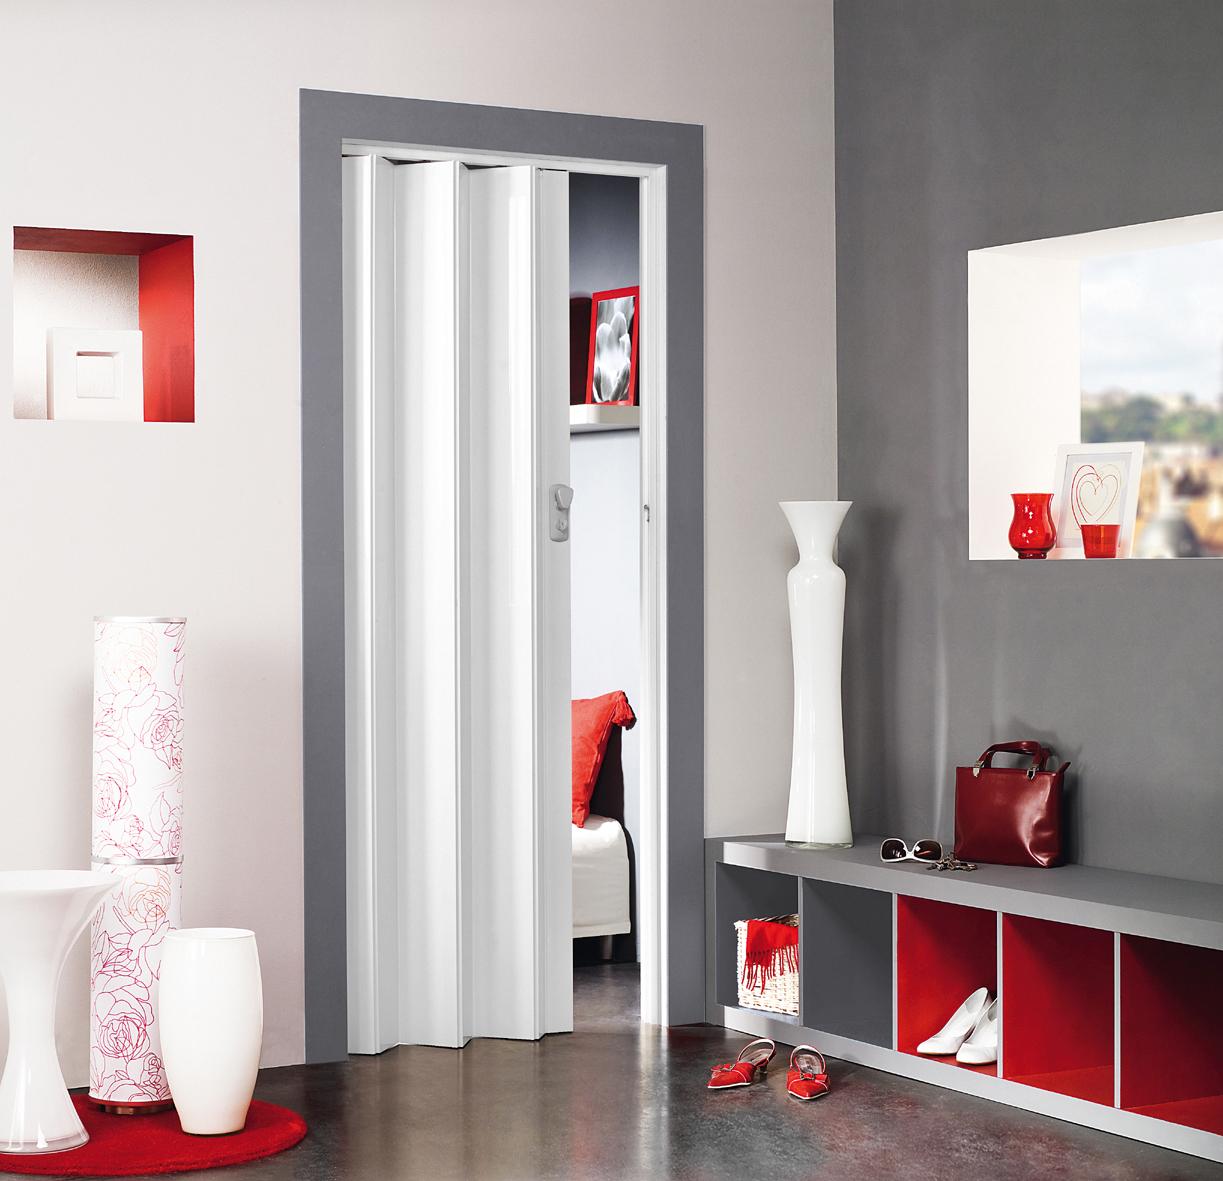 Puertas de interior modernas y decorativas - Puertas rusticas leroy merlin ...